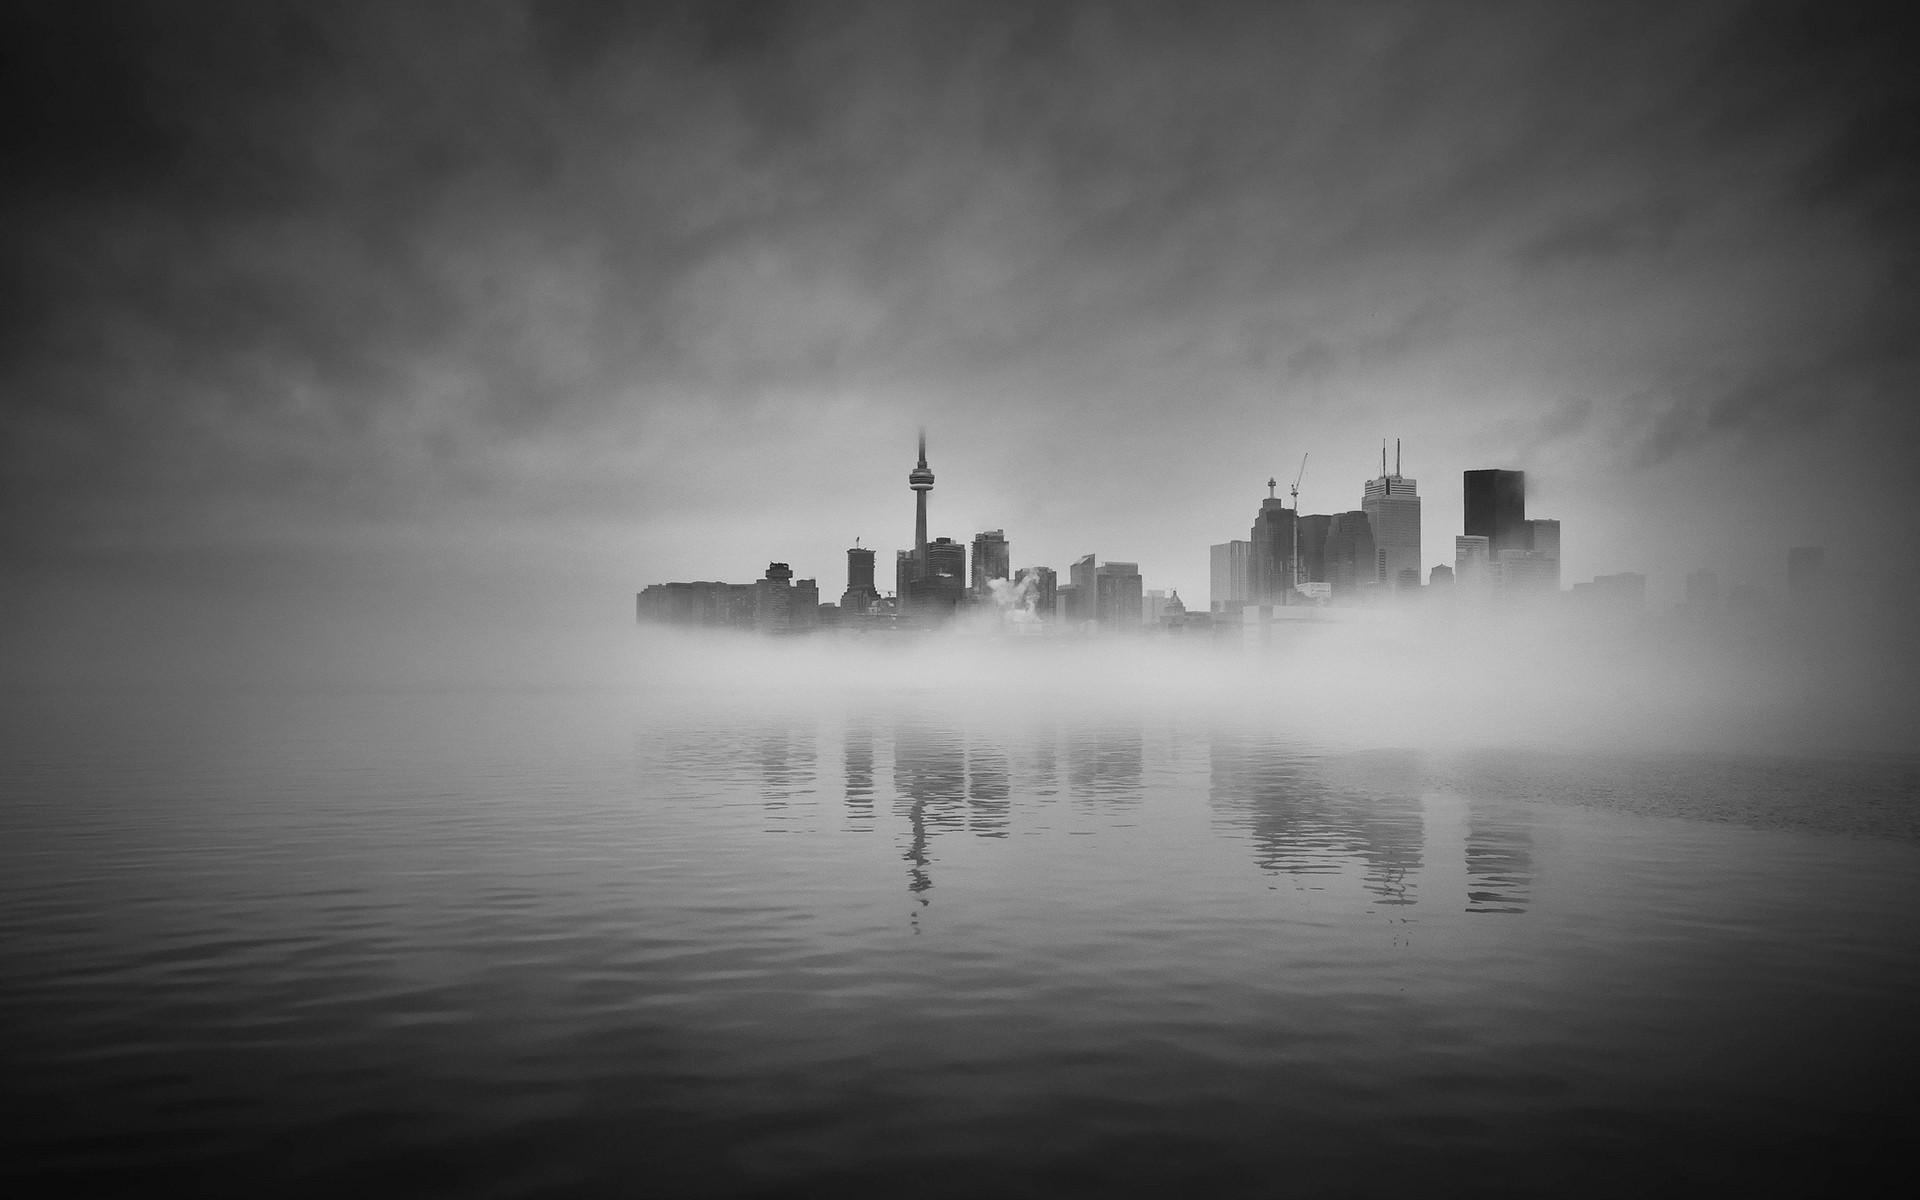 Обои туман. Города foto 9